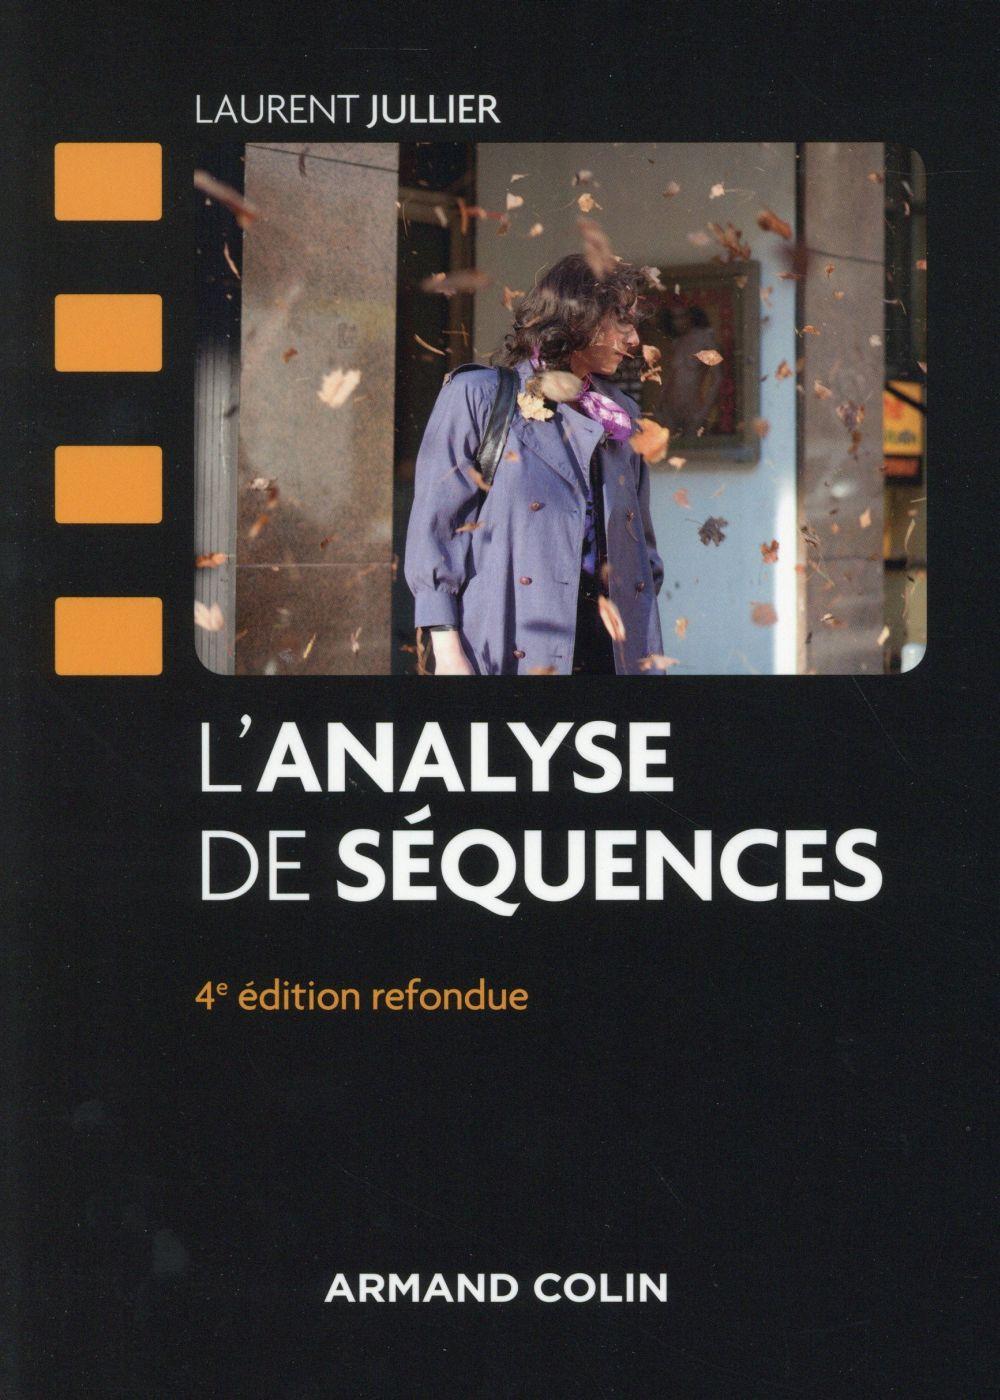 L'ANALYSE DE SEQUENCES - 4E EDITION JULLIER LAURENT Armand Colin